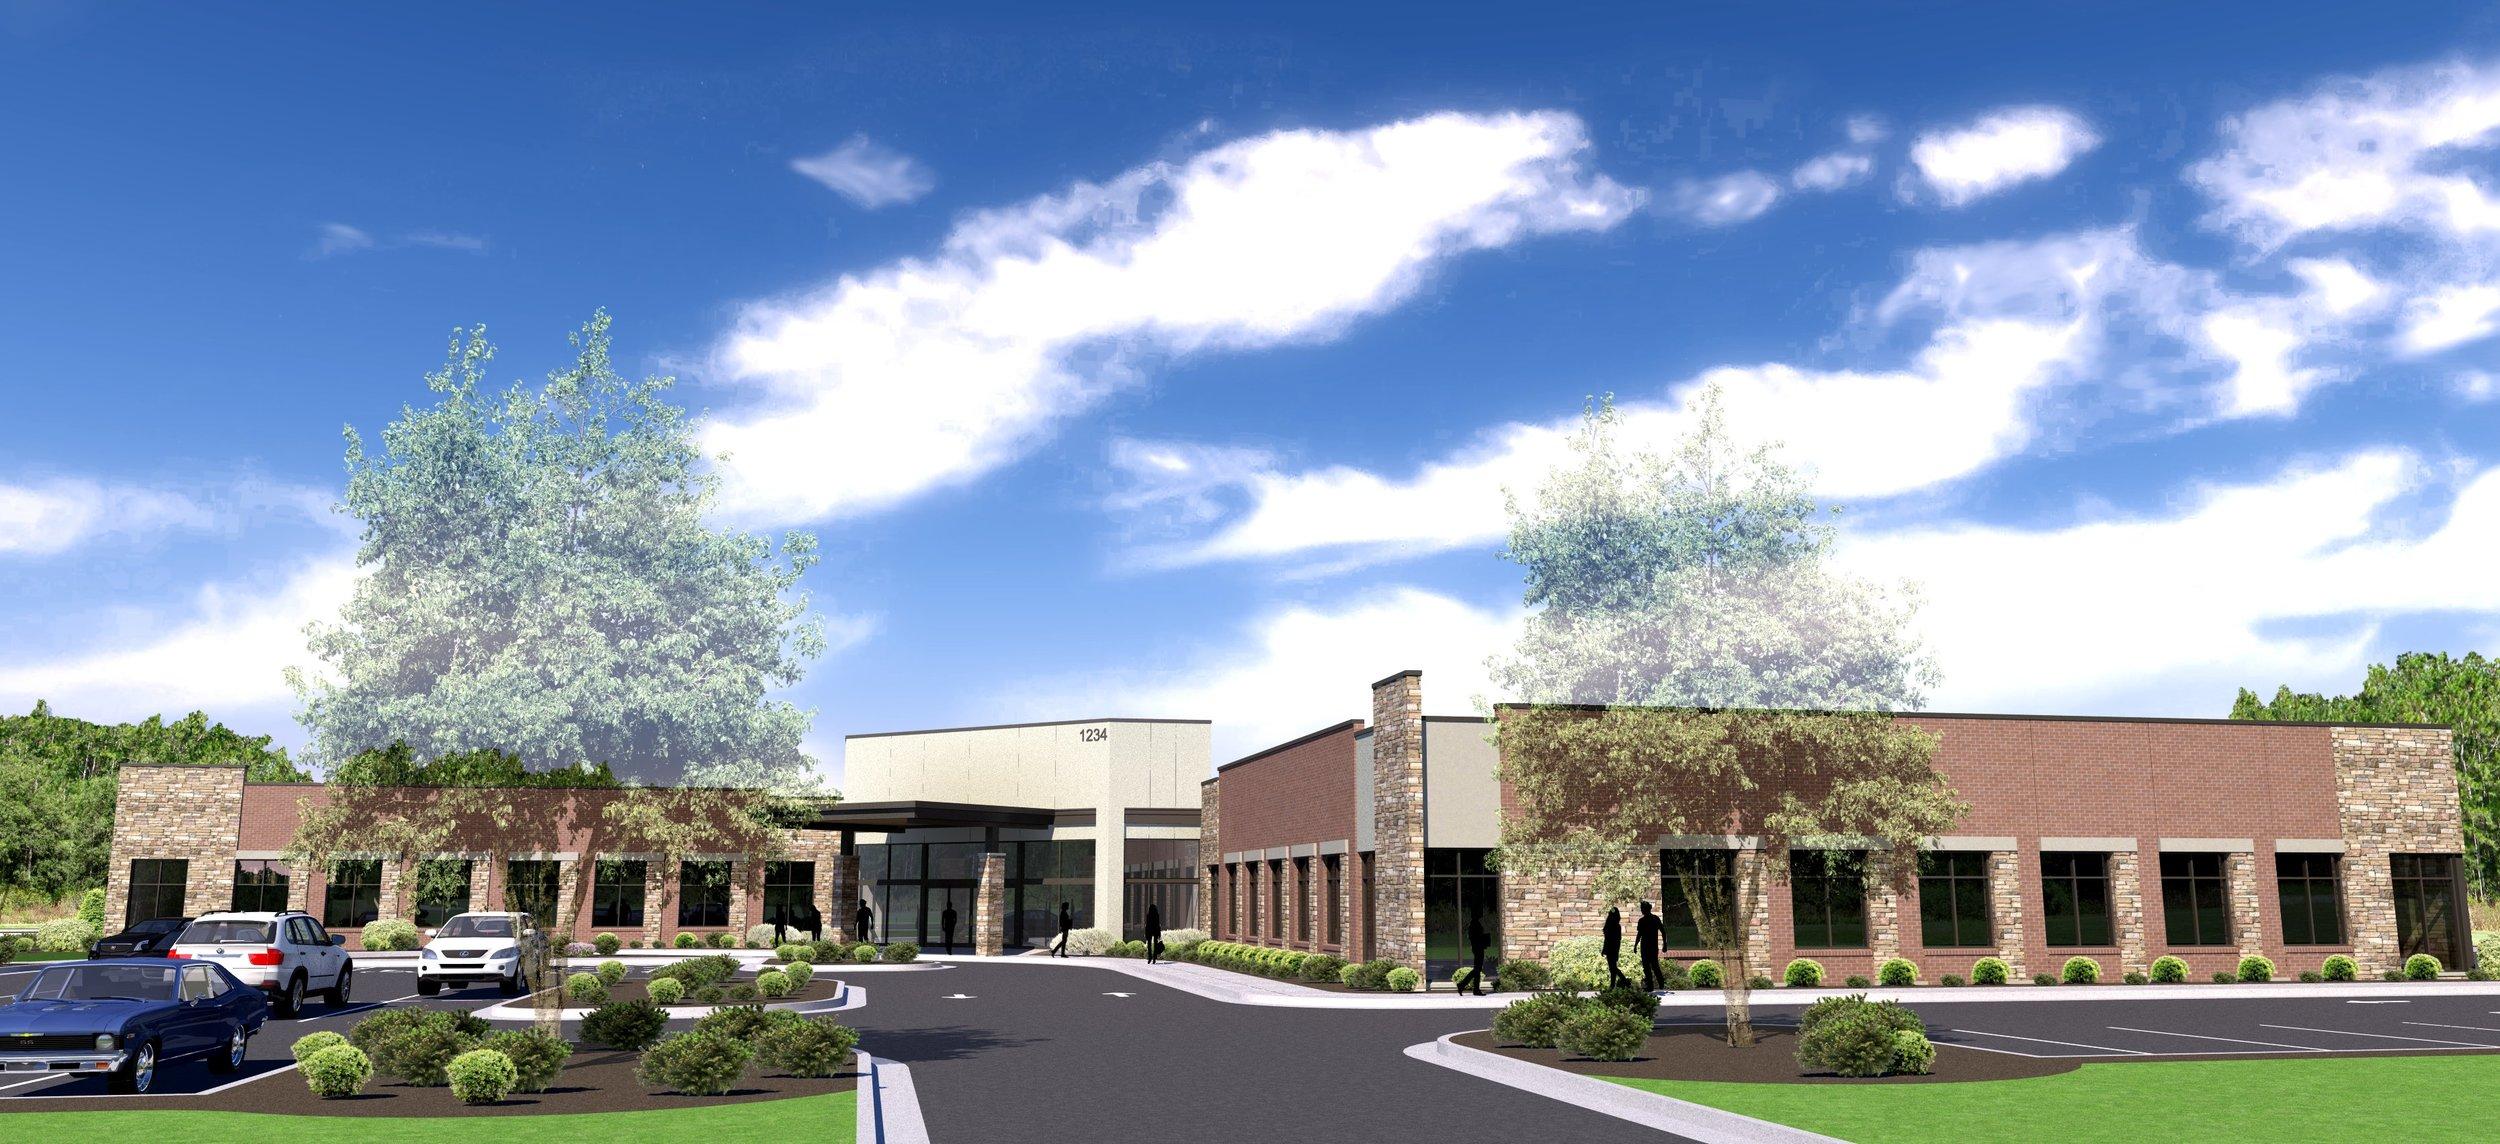 Medical office building Parking  entrance WIDE 20170821.jpg